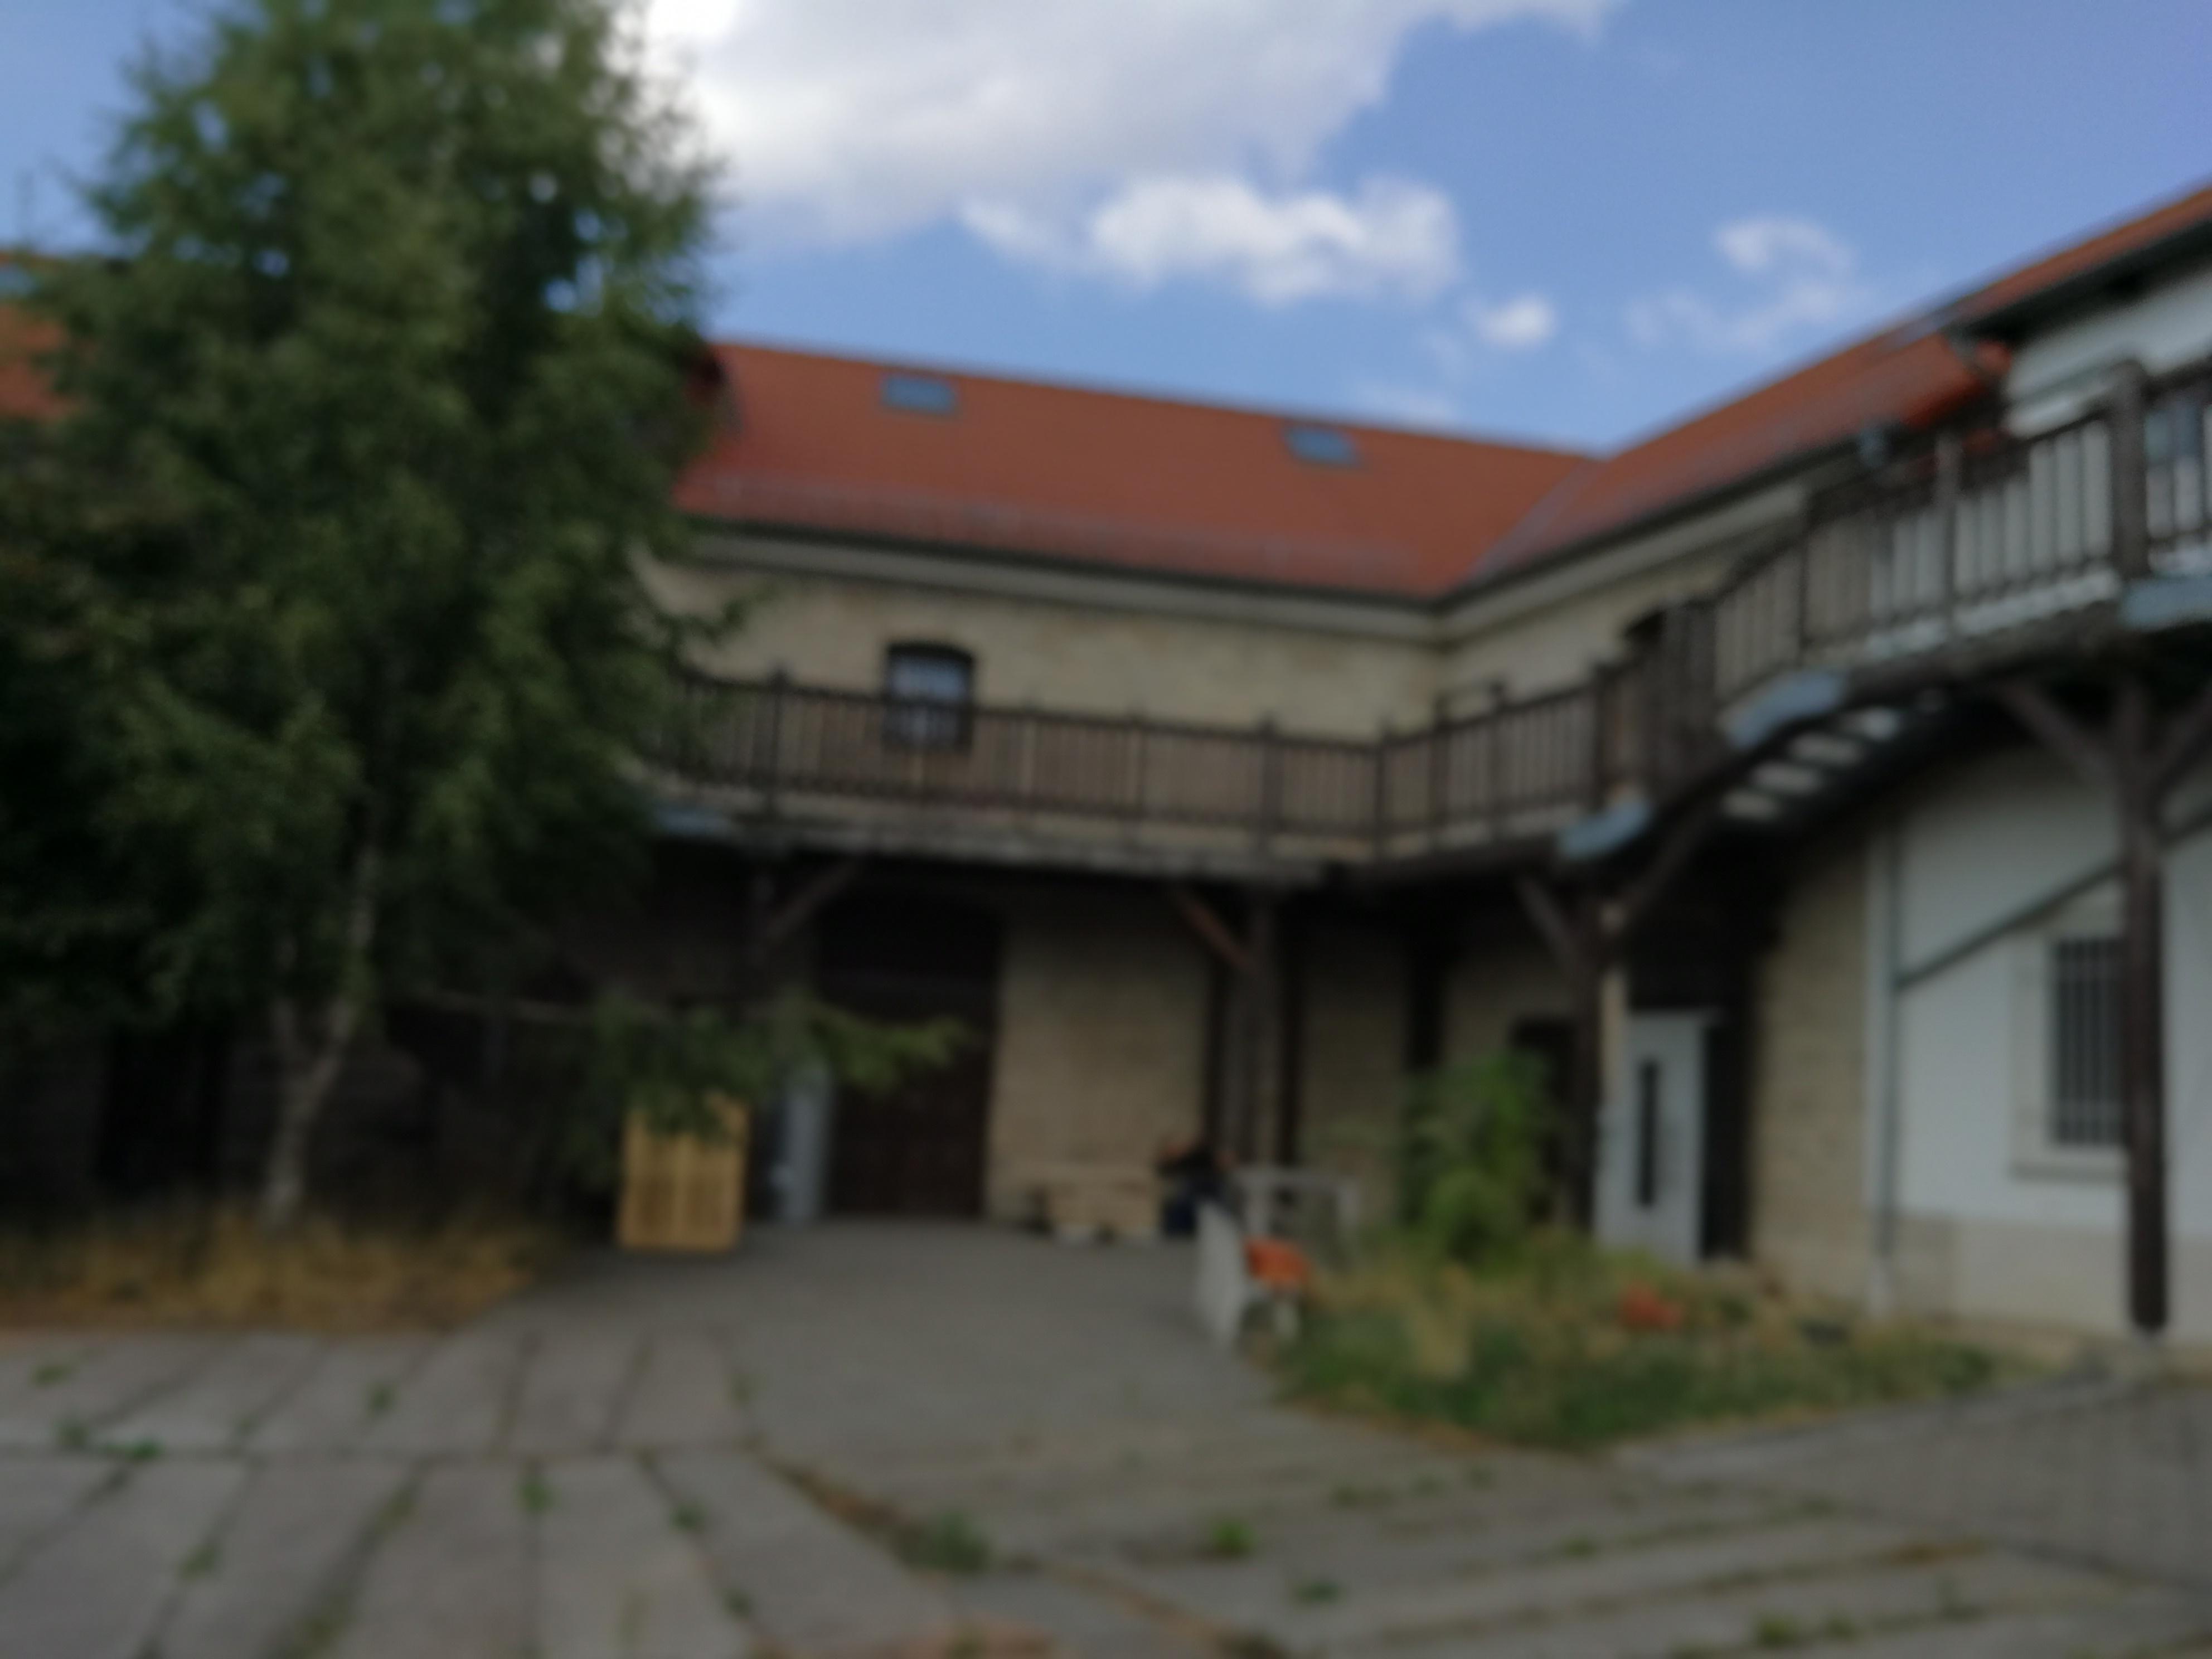 Gehöft in Berka (RAG Kyffhäuser e.V.)